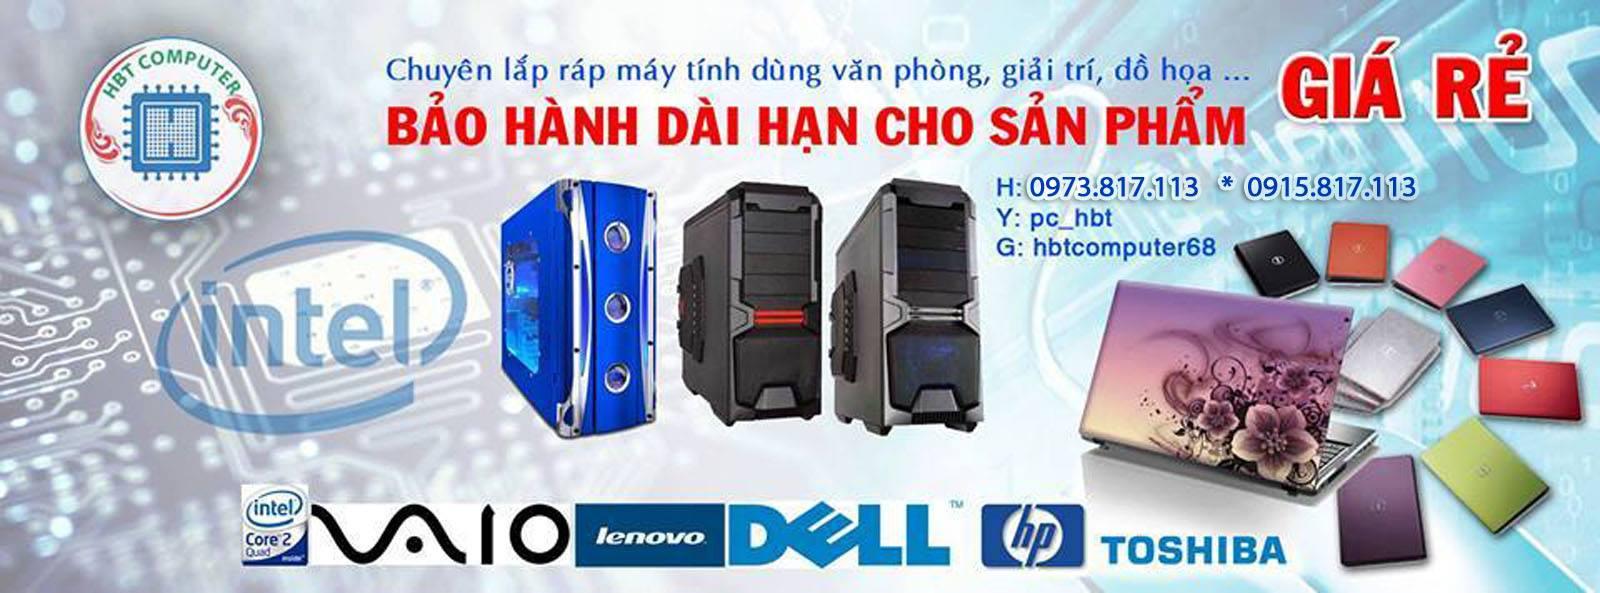 1 HDD SATA PC như mới 80gb, 160gb, 200gb, 250gb, 320gb, 500Gb, 1Tb, 4tb giá mặt đất